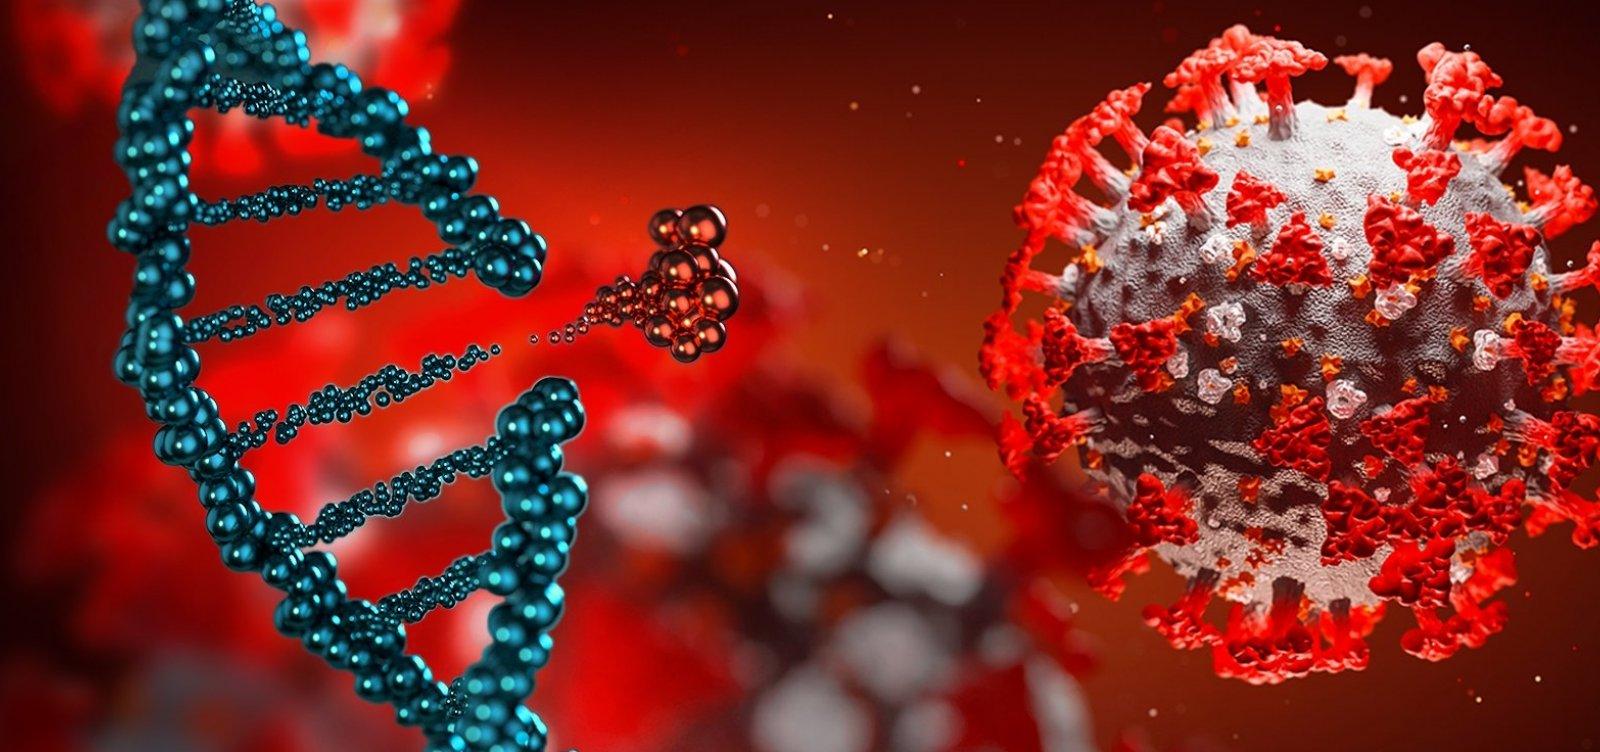 [Coronavírus: estudo da Fiocruz mostra eficácia de antiviral usado contra hepatite C]